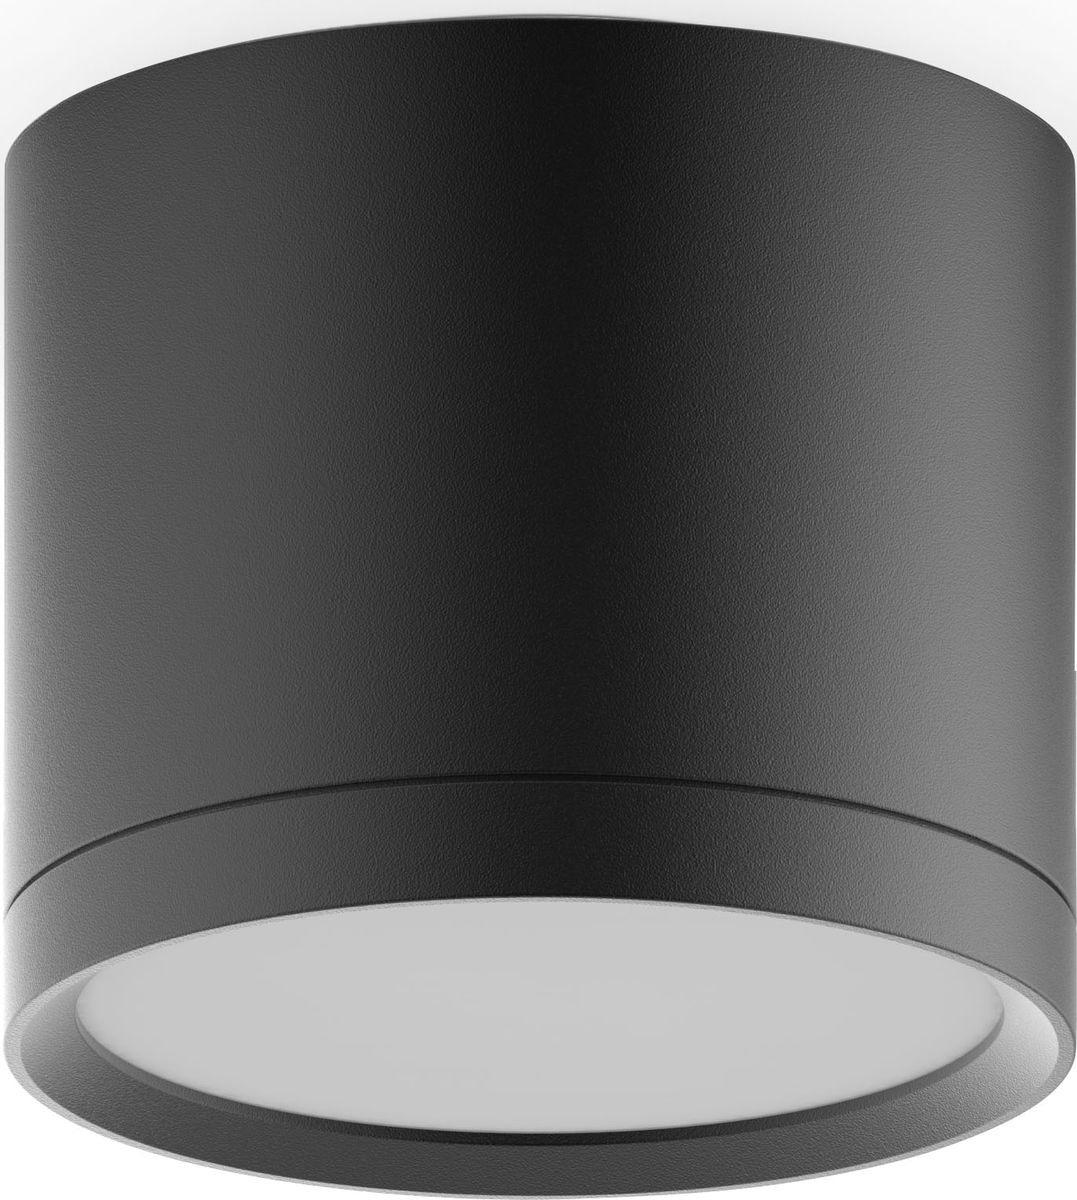 Накладной светильник Gauss Overhead LED с рассеивателем, HD016, 10W, 3000K, 700Лм, 1/30